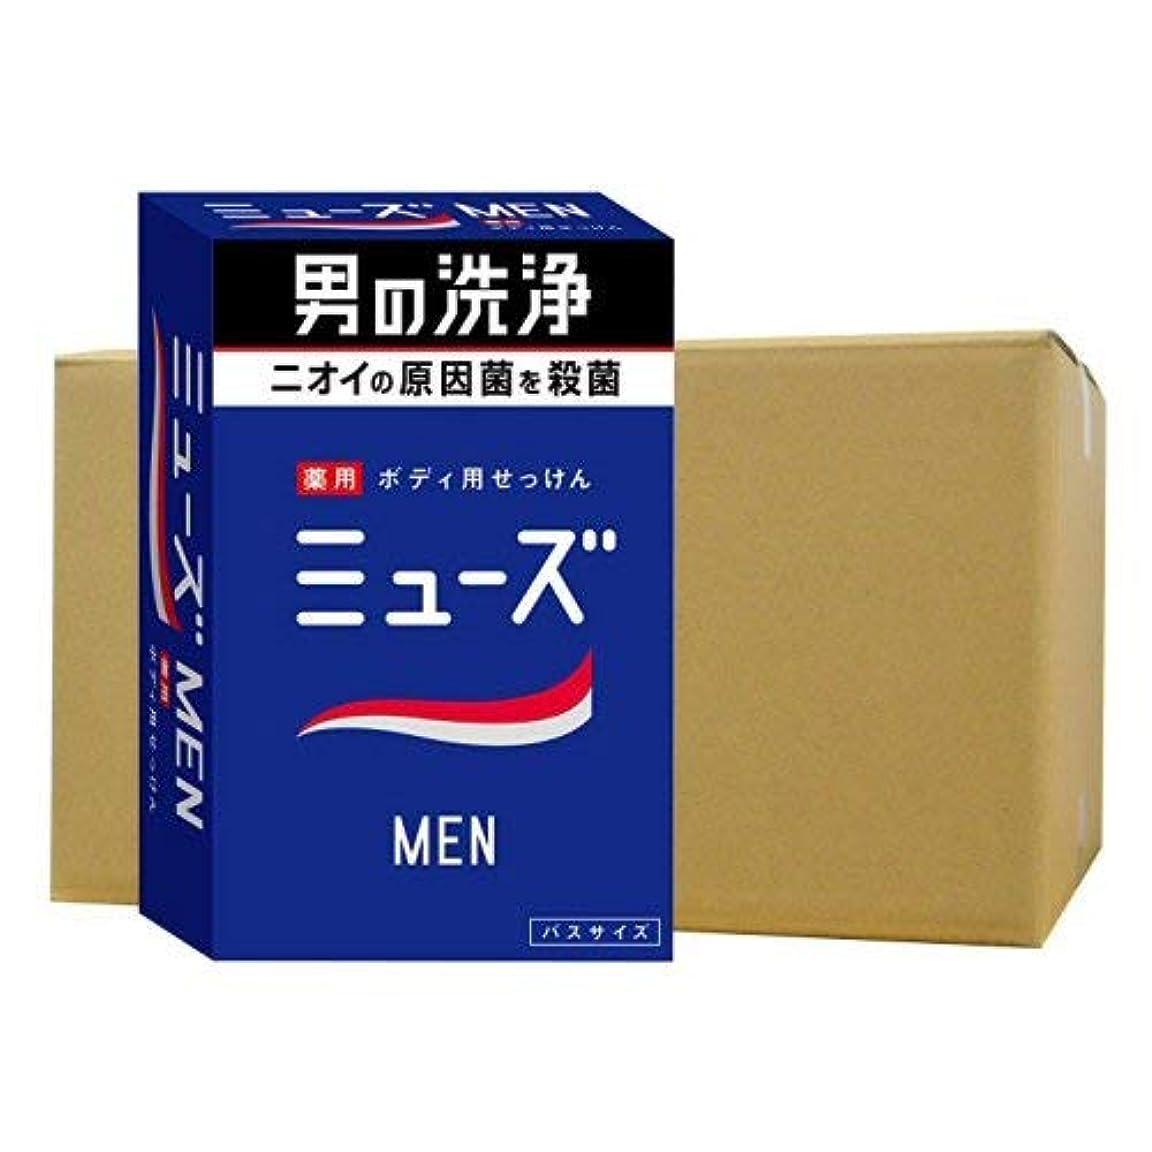 エンディング侵入バルーンミューズメン薬用石鹸 135g×24個セット